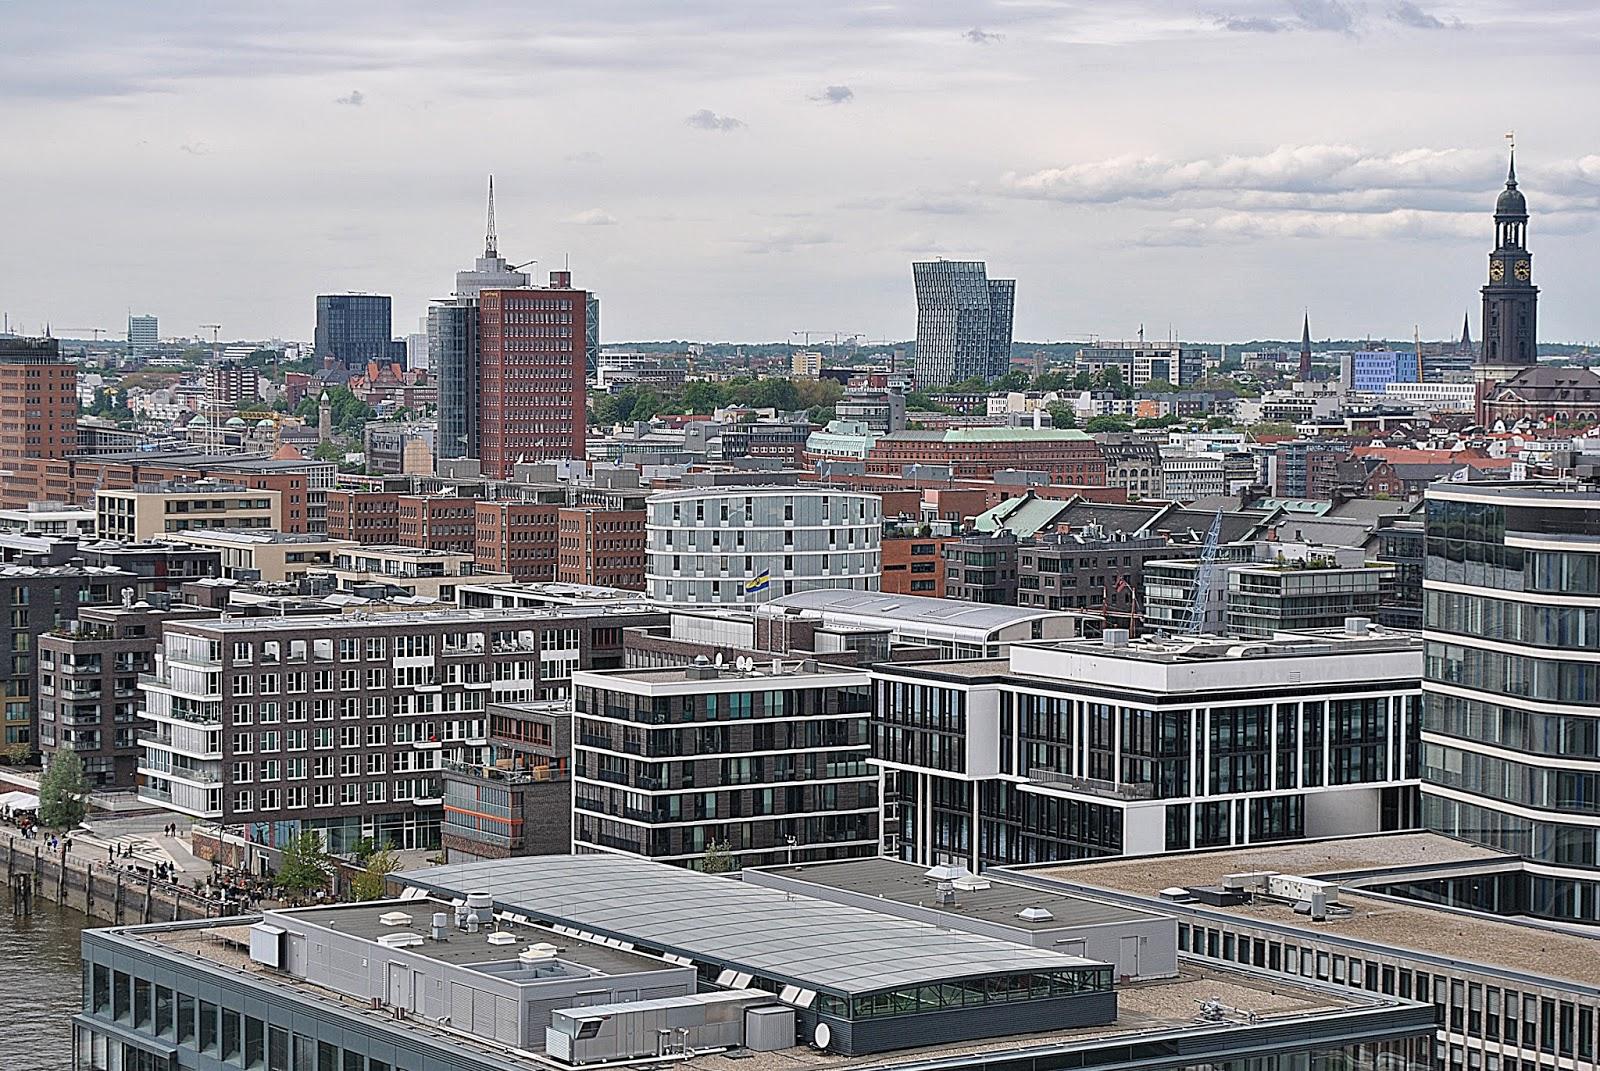 Hamburg, HafenCity, widok na miasto